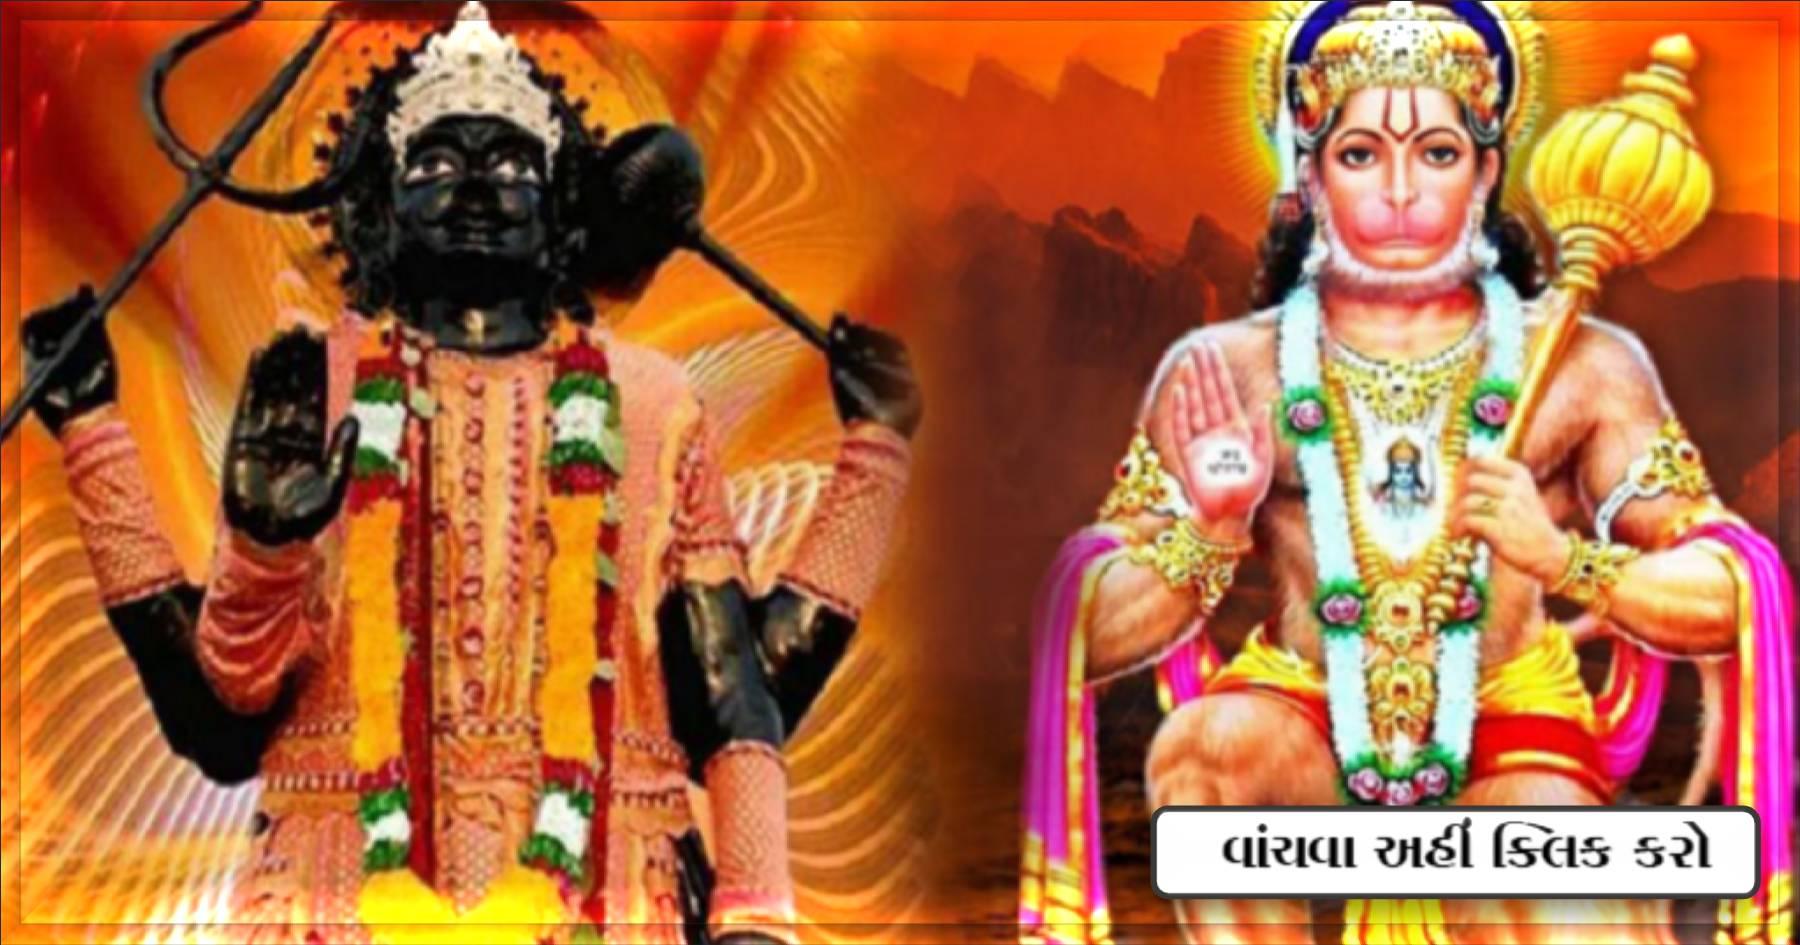 આ છે હનુમાનજી અને શનિદેવના ચમત્કારી વાતો, તે જાણીને જ થઇ જશો આશ્ચર્ય…